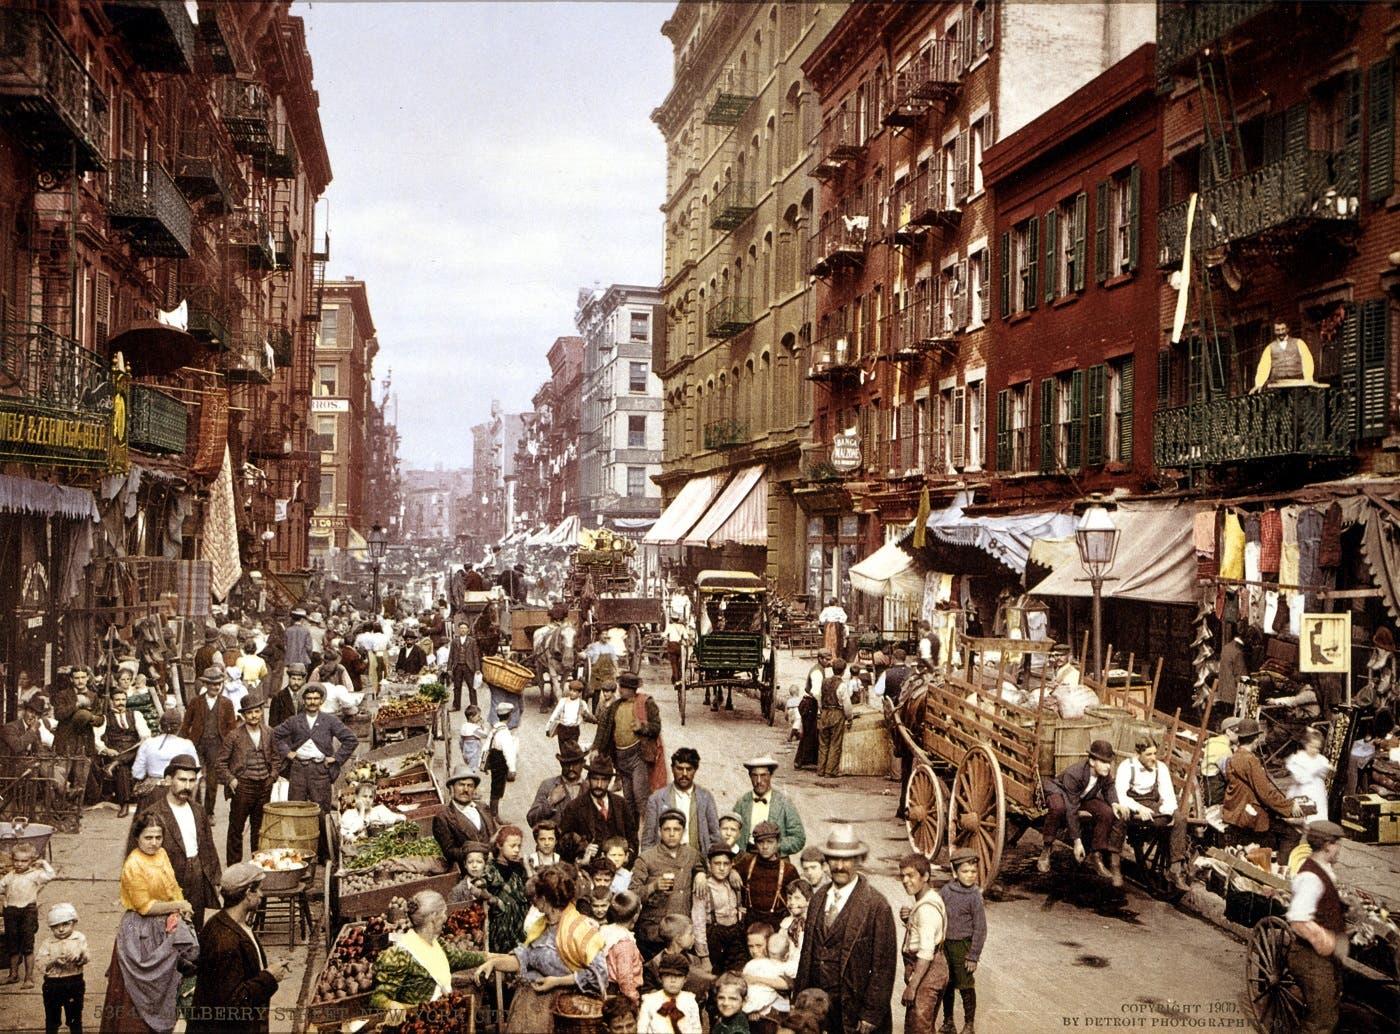 صورة ملونة اعتمادا على التقنيات الحديثة تجسد صعوبة الحياة بنيويورك مطلع القرن العشرين